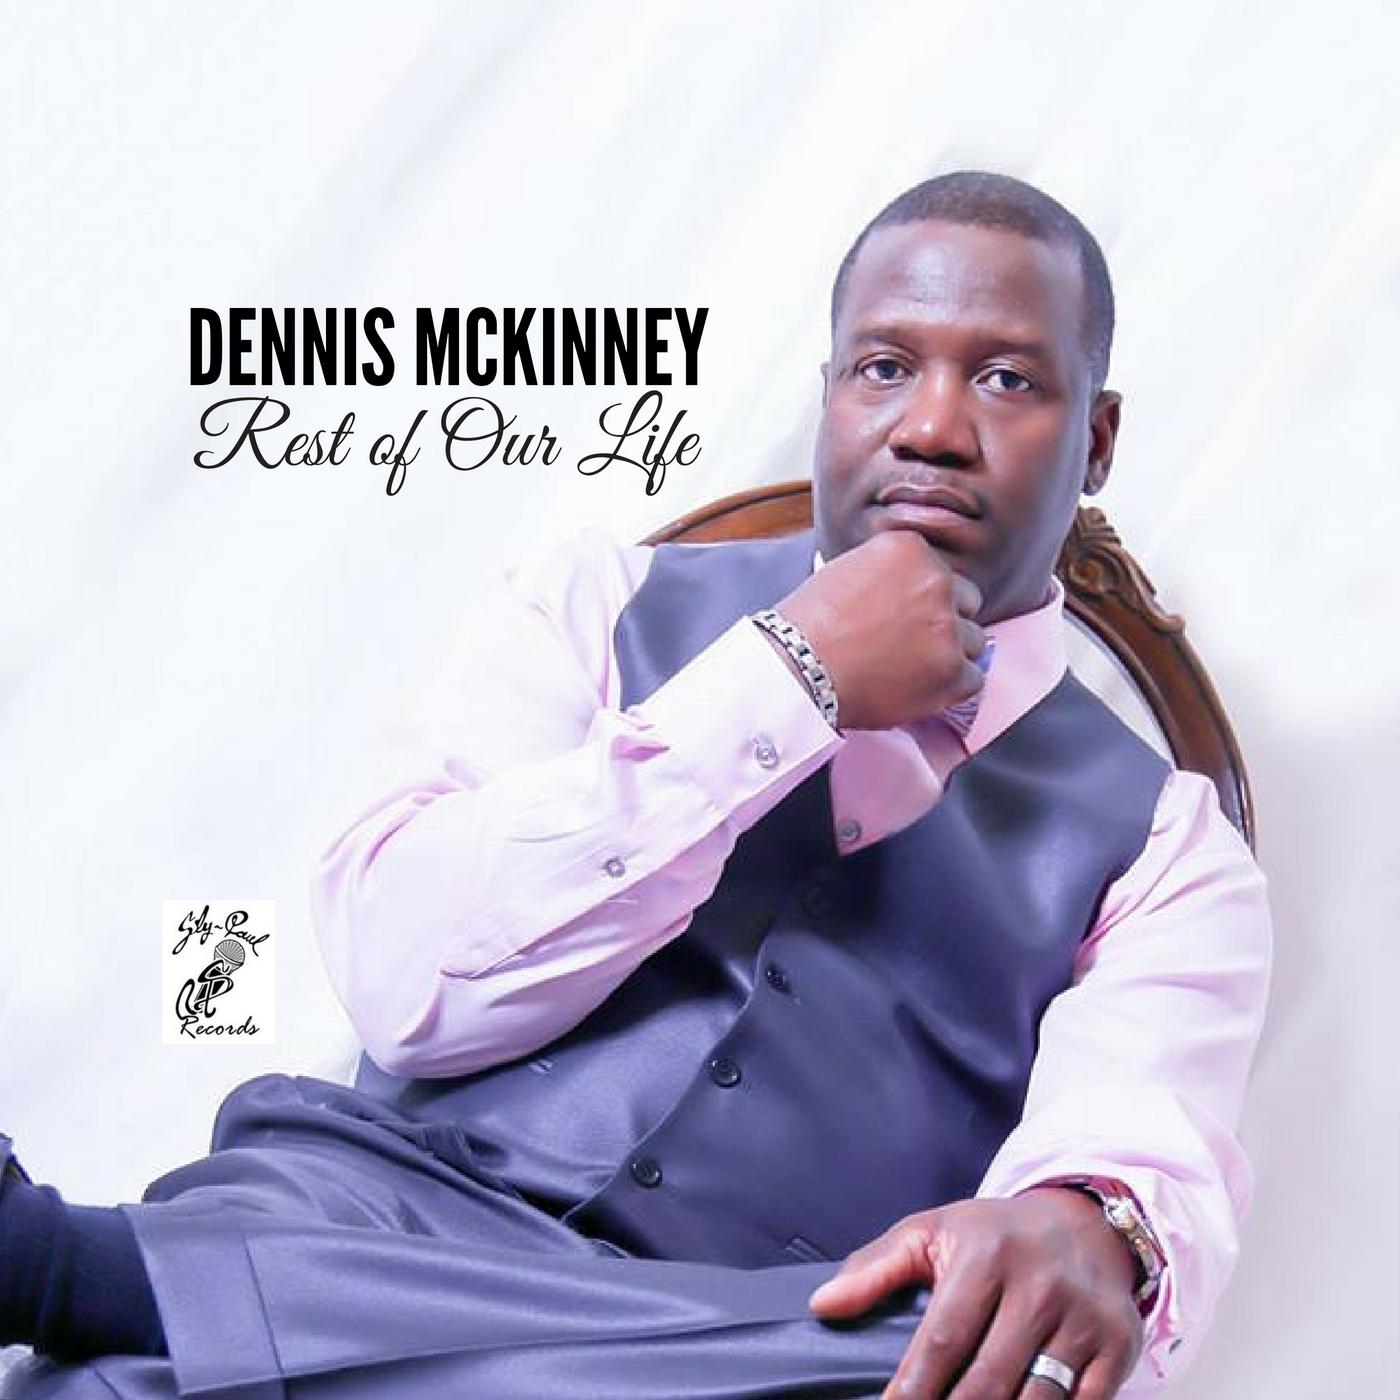 DENNIS MCKINNEY